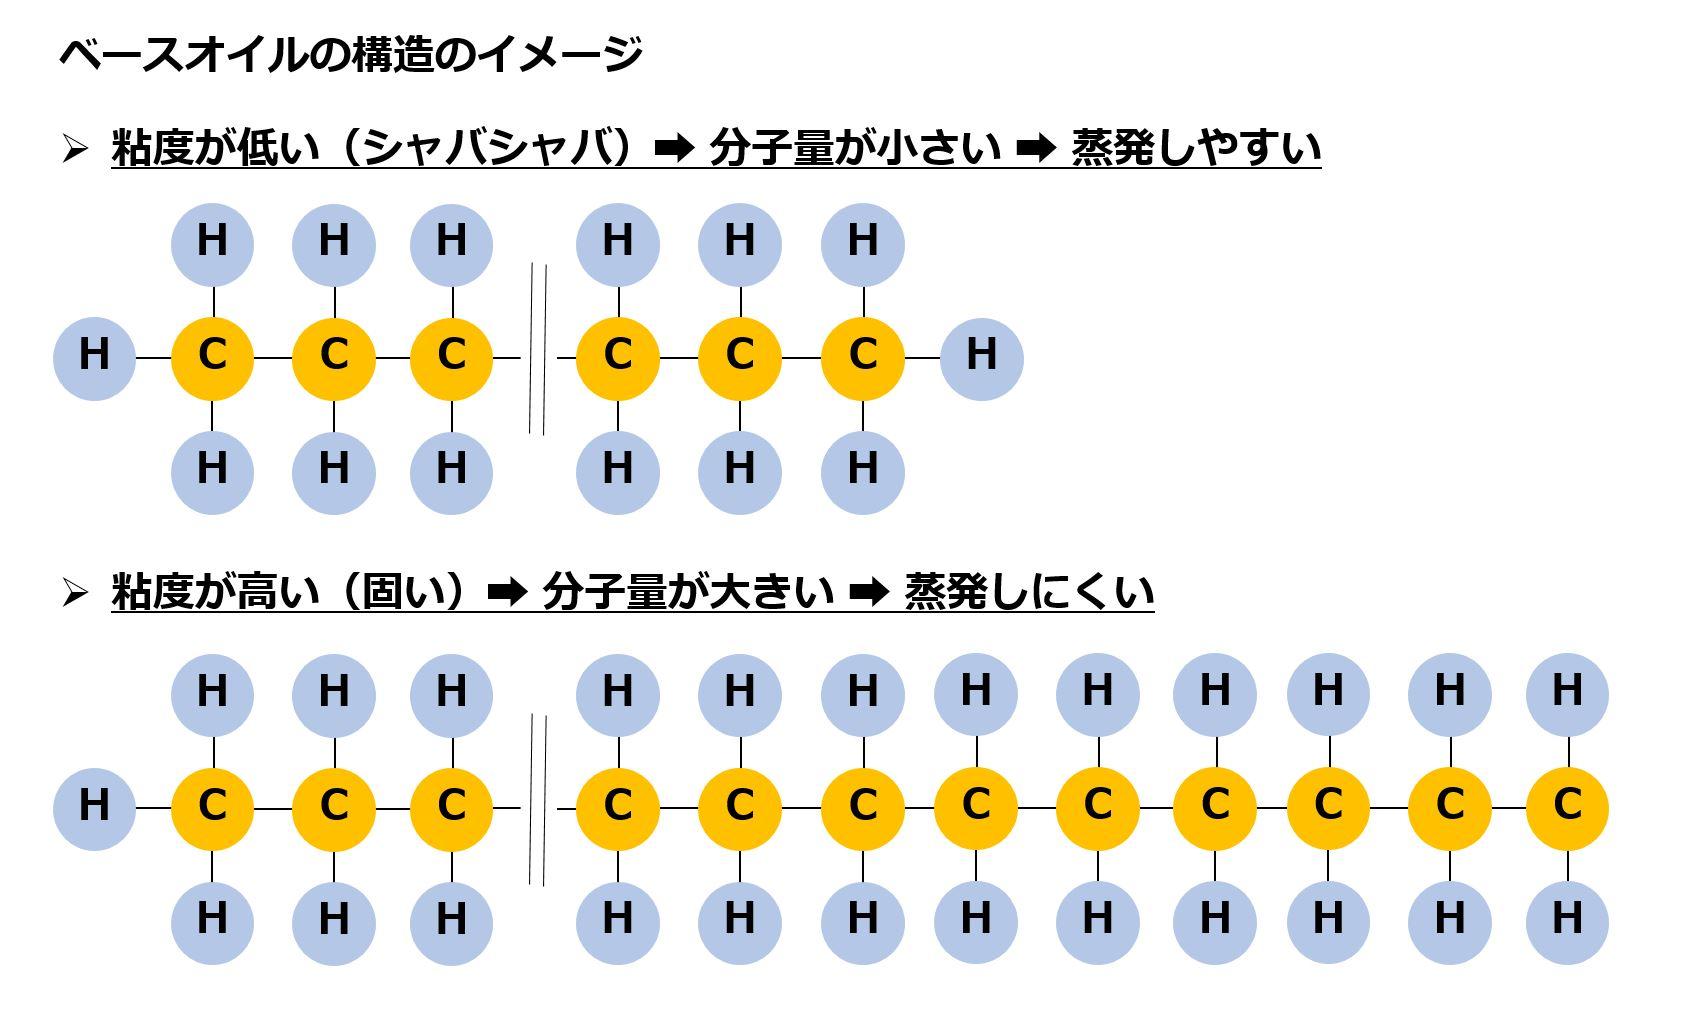 ベースオイル構造のイメージ図です。